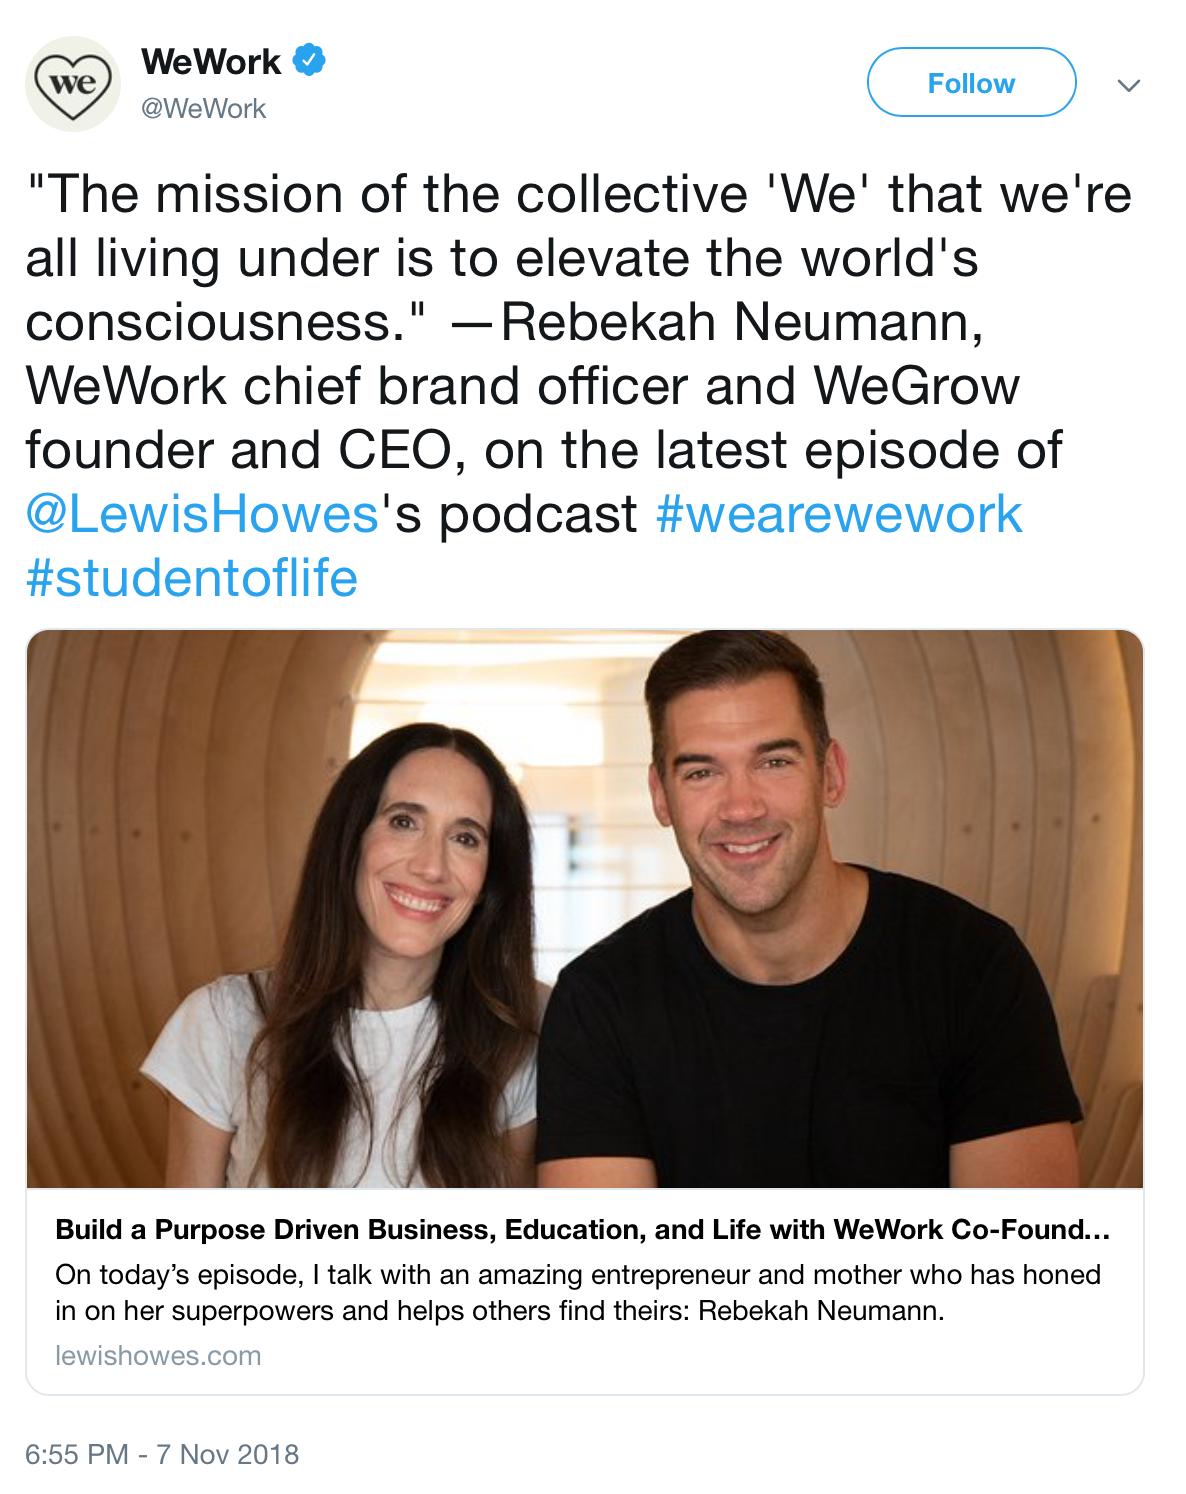 WeWork tweet